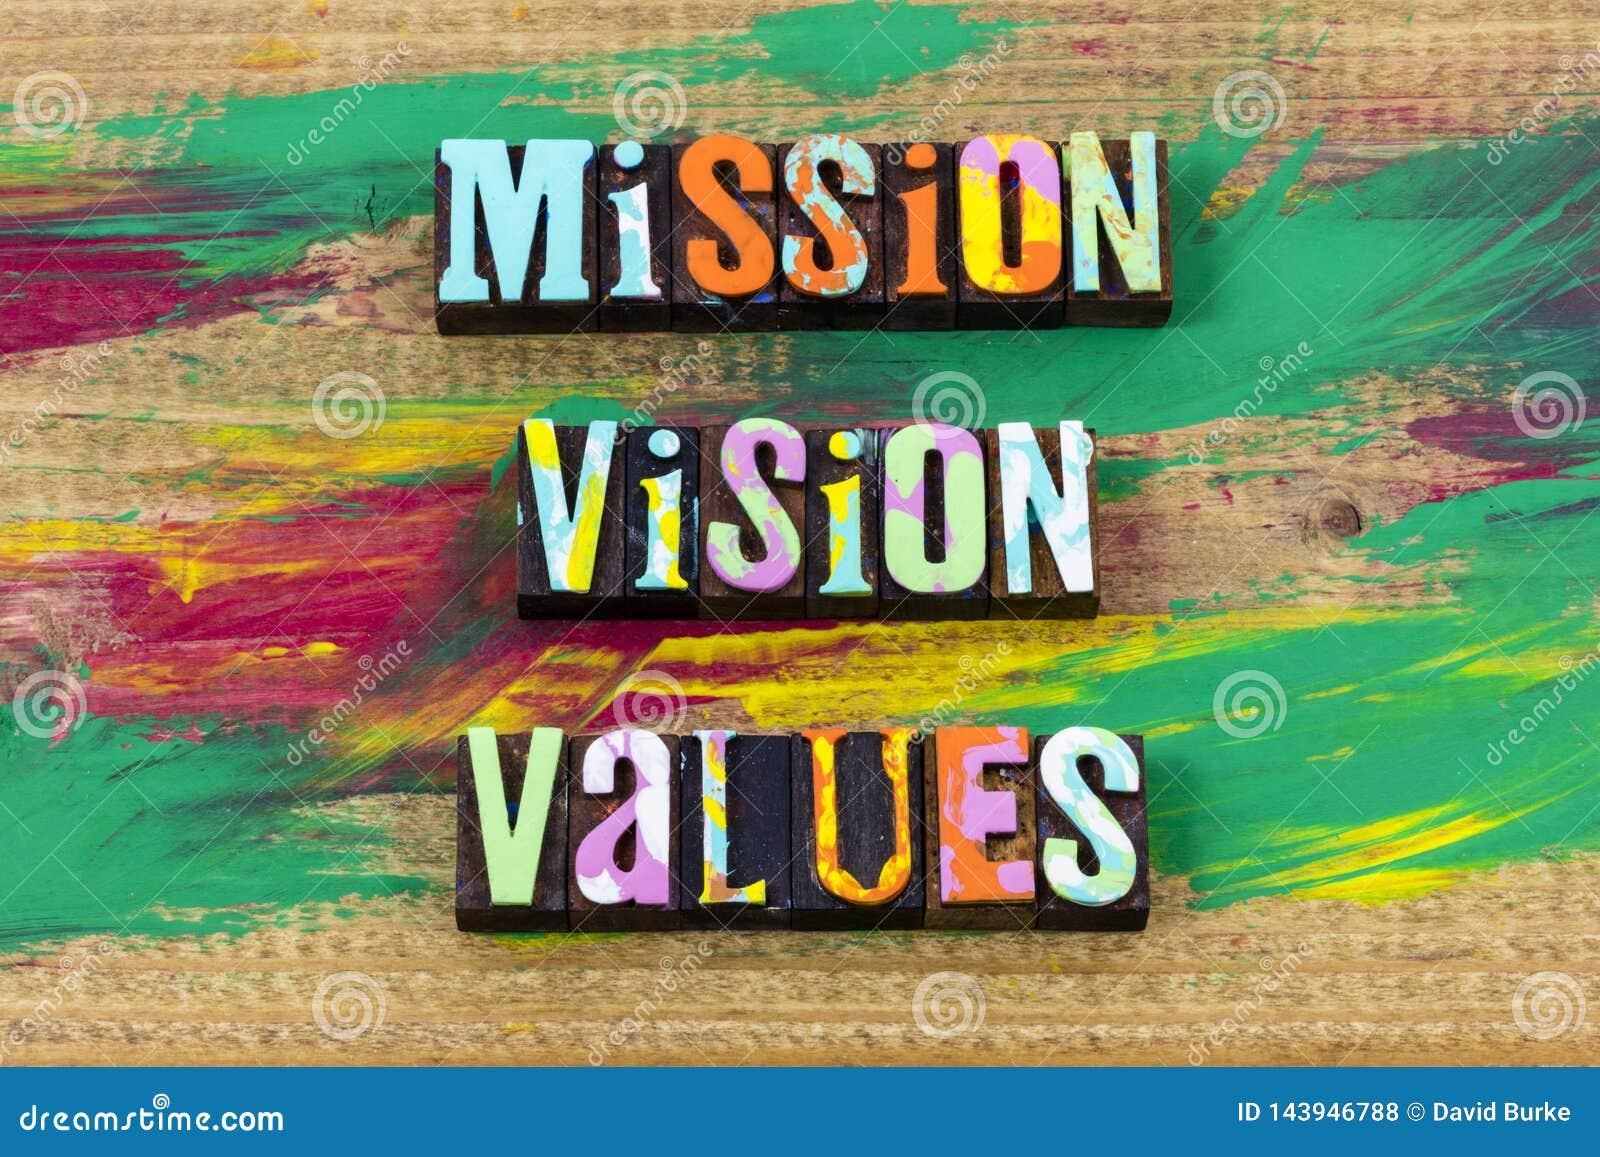 Os valores da visão da missão acreditam citações da tipografia da confiança da integridade do negócio